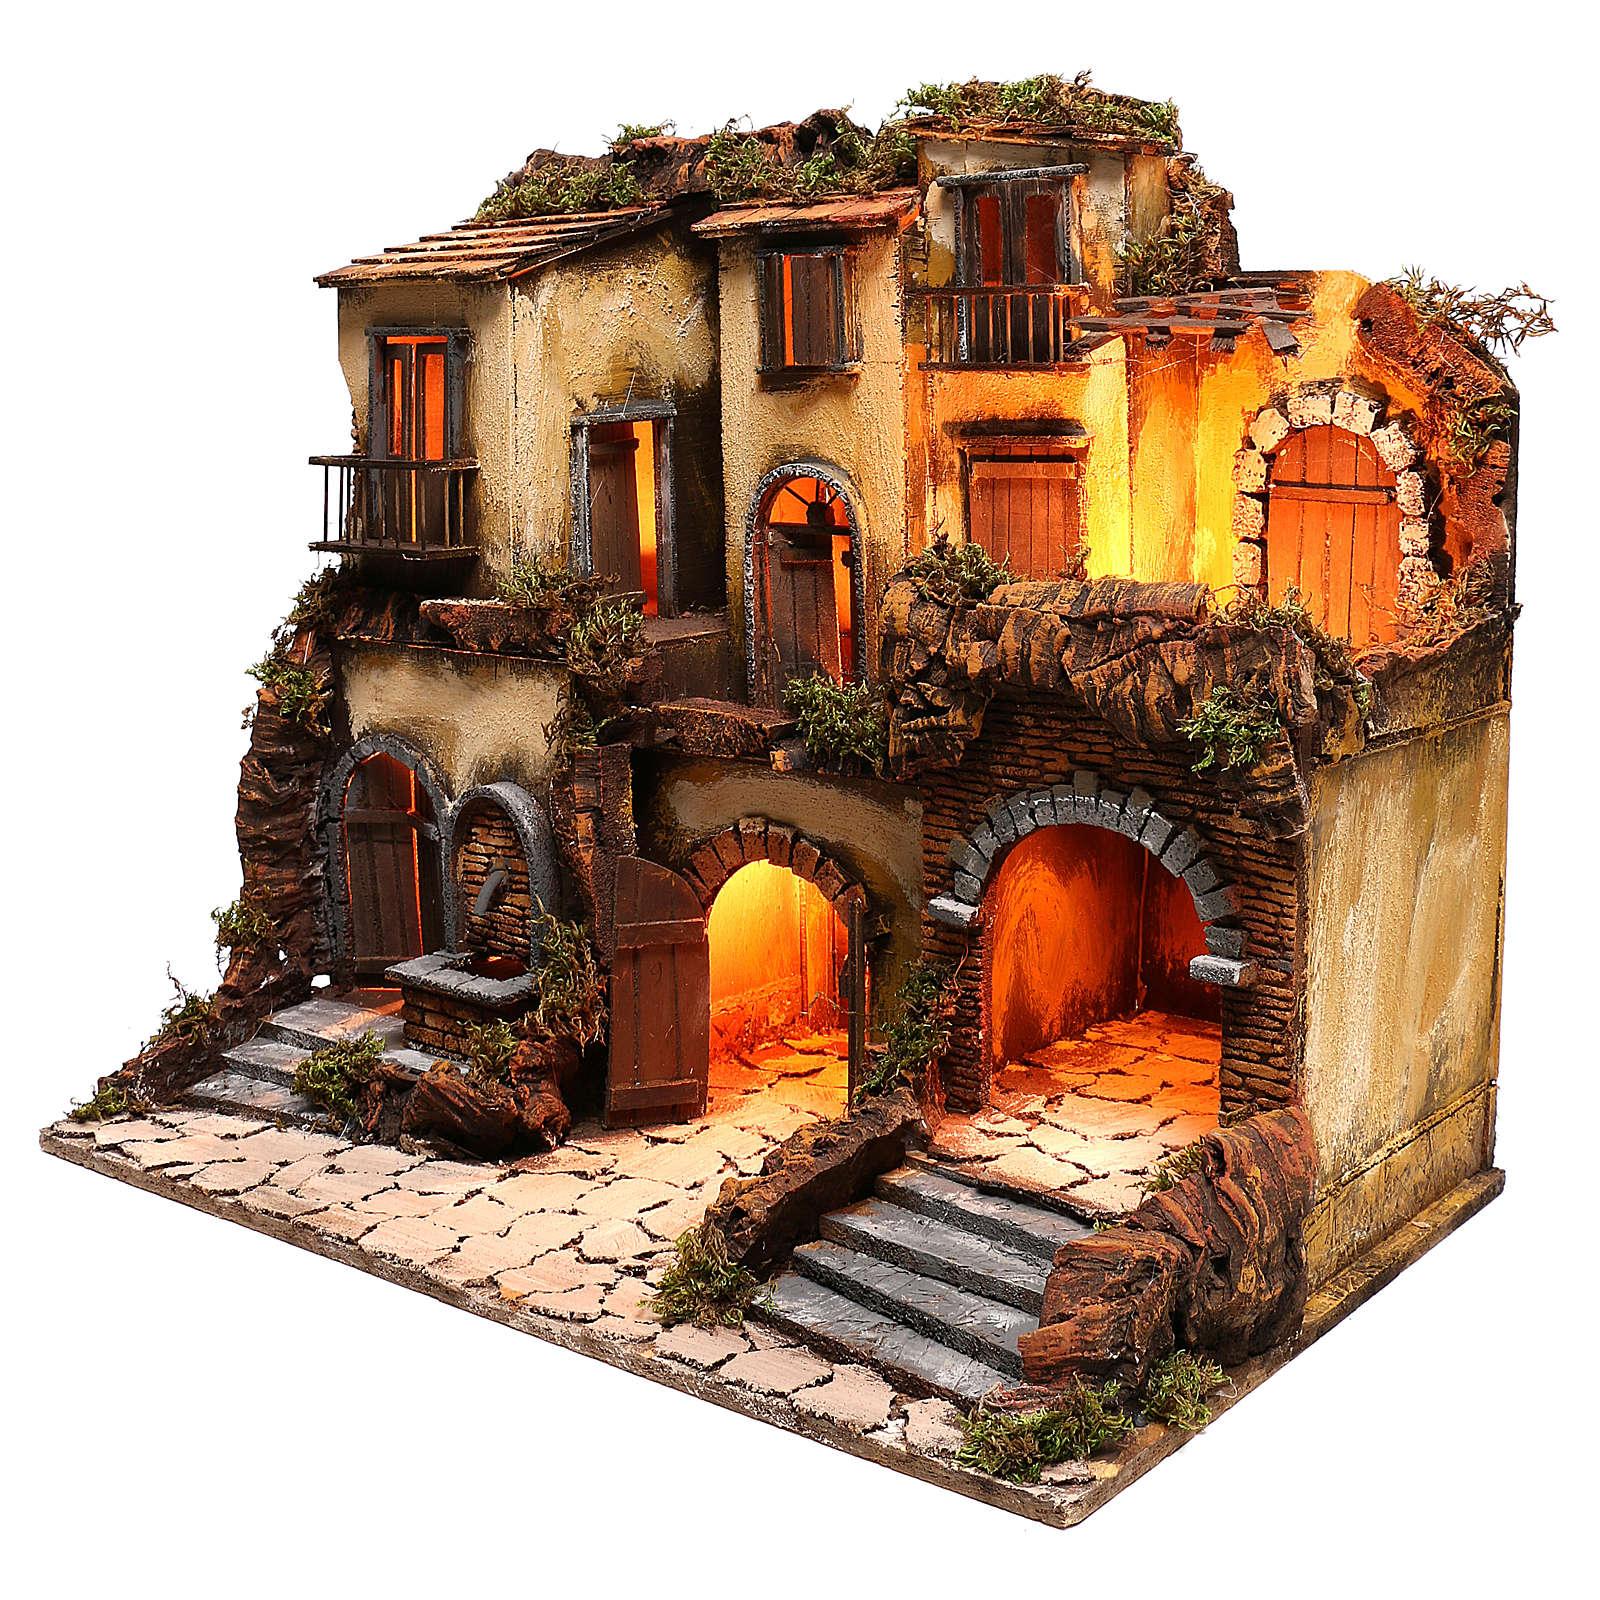 Borgo presepe napoletano stile 700 con fontana e luce 53x60x43 4